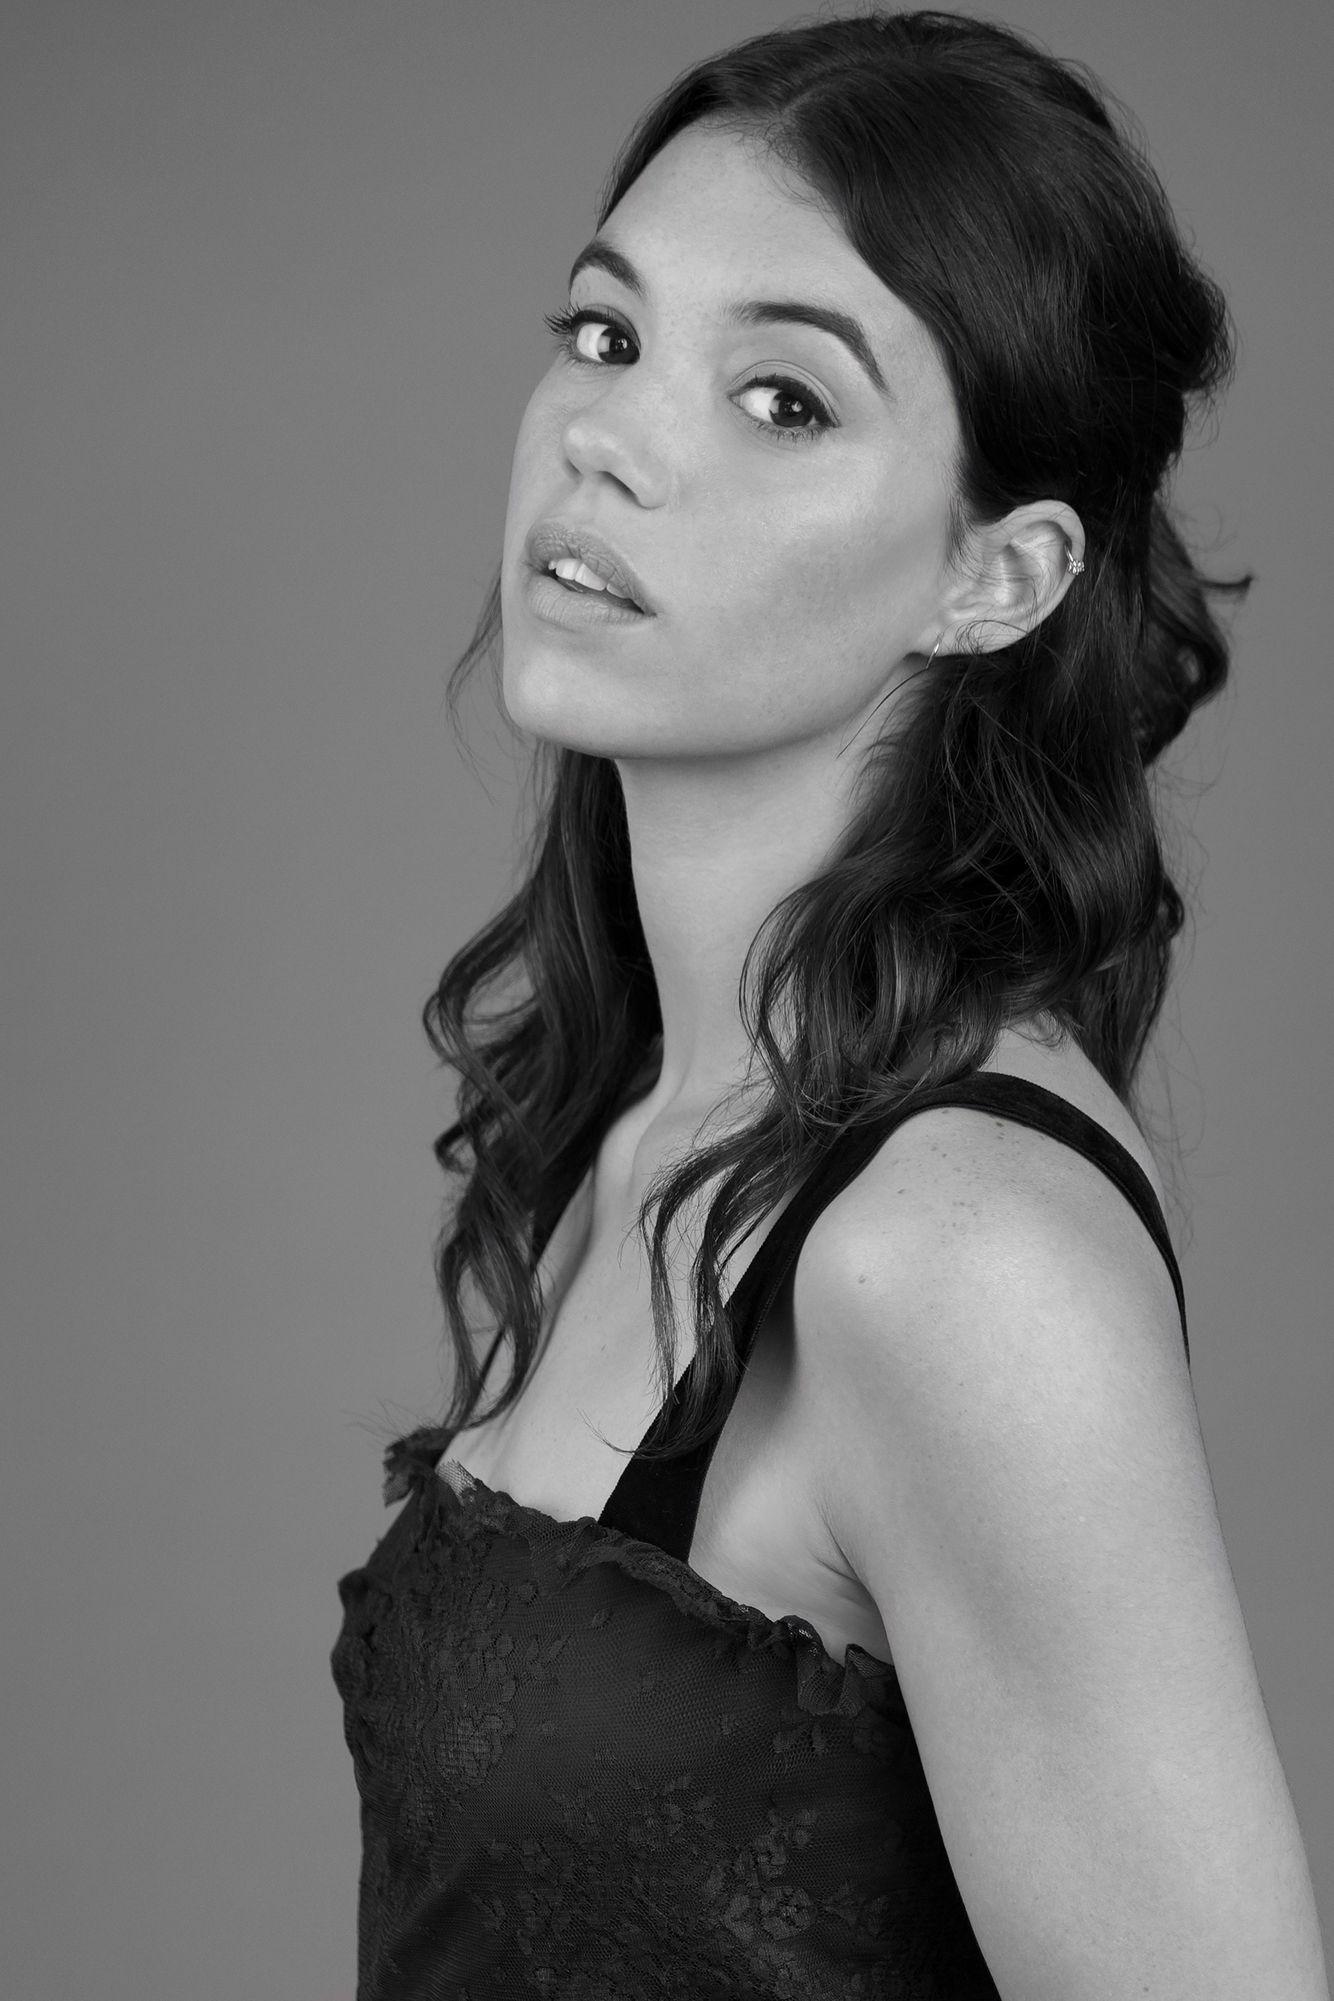 Actress and producer Gala Gordon